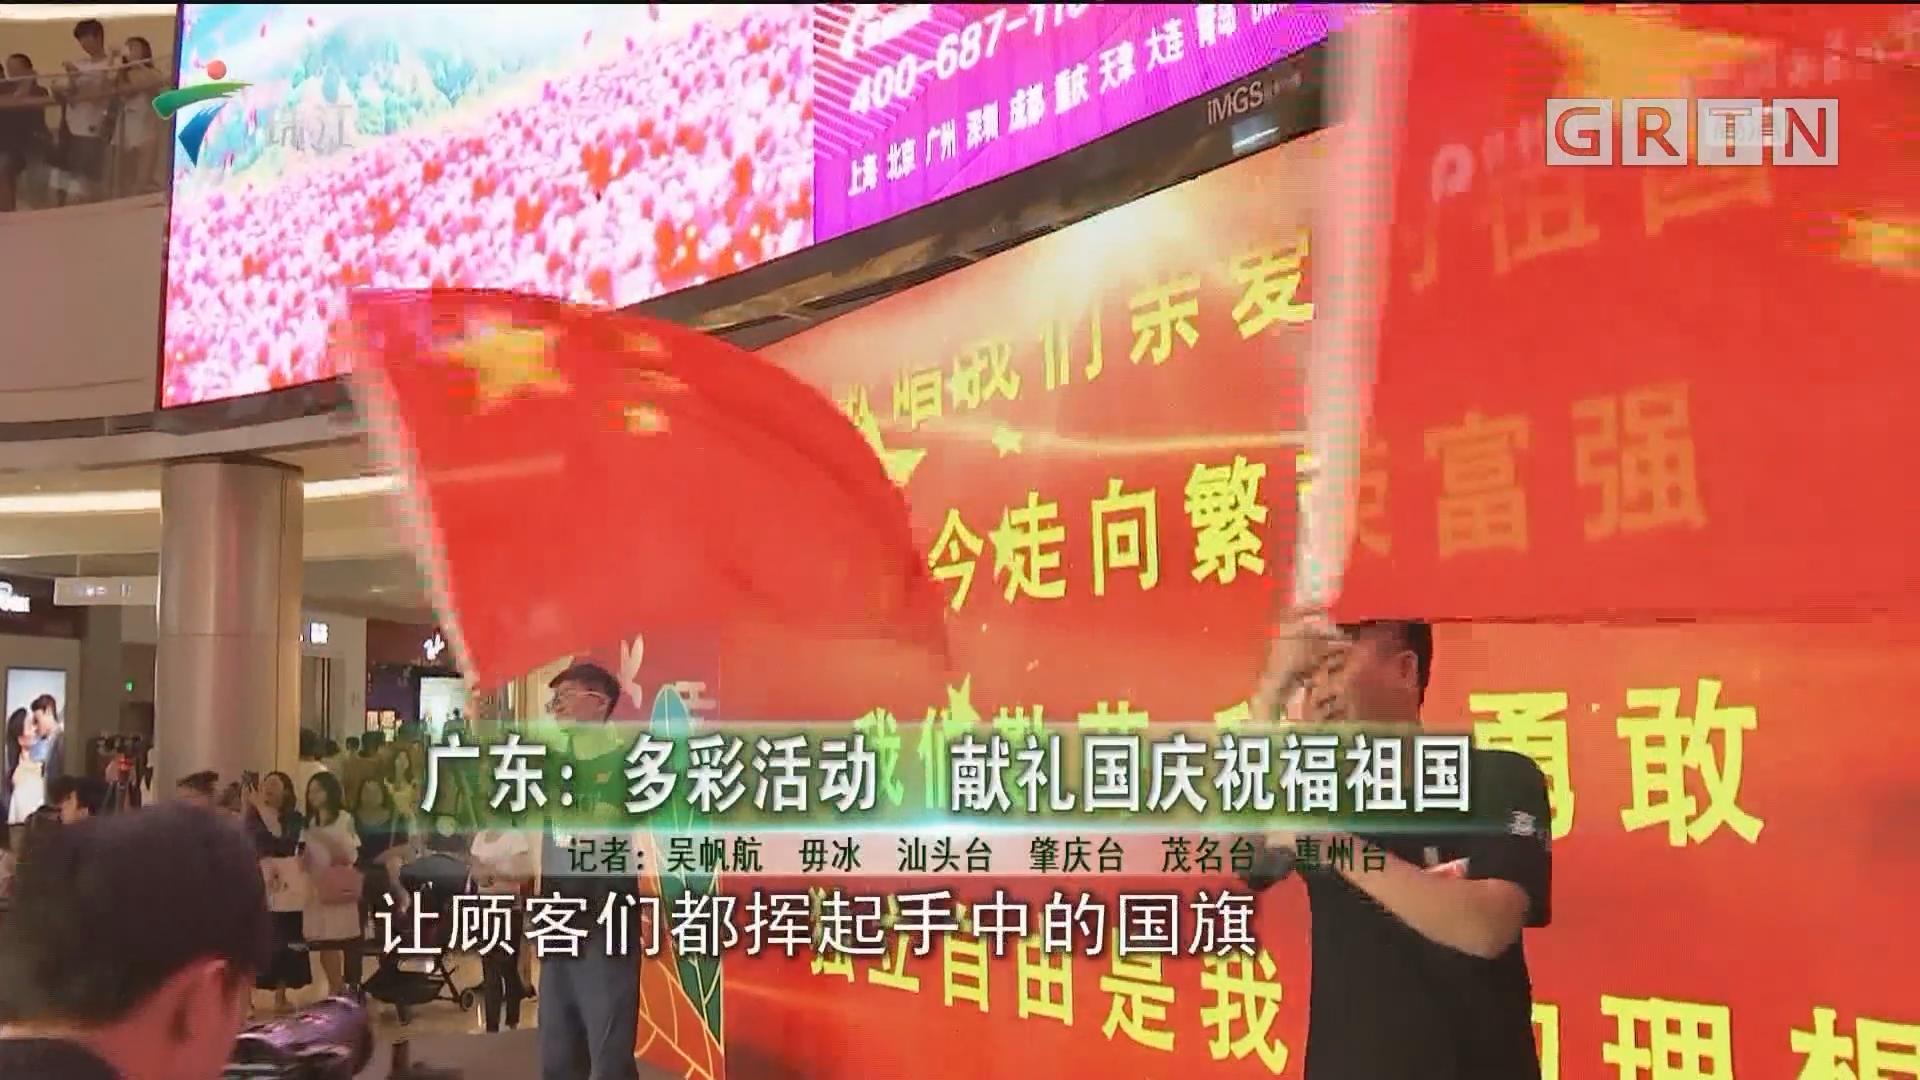 广东:多彩活动 献礼国庆祝福祖国